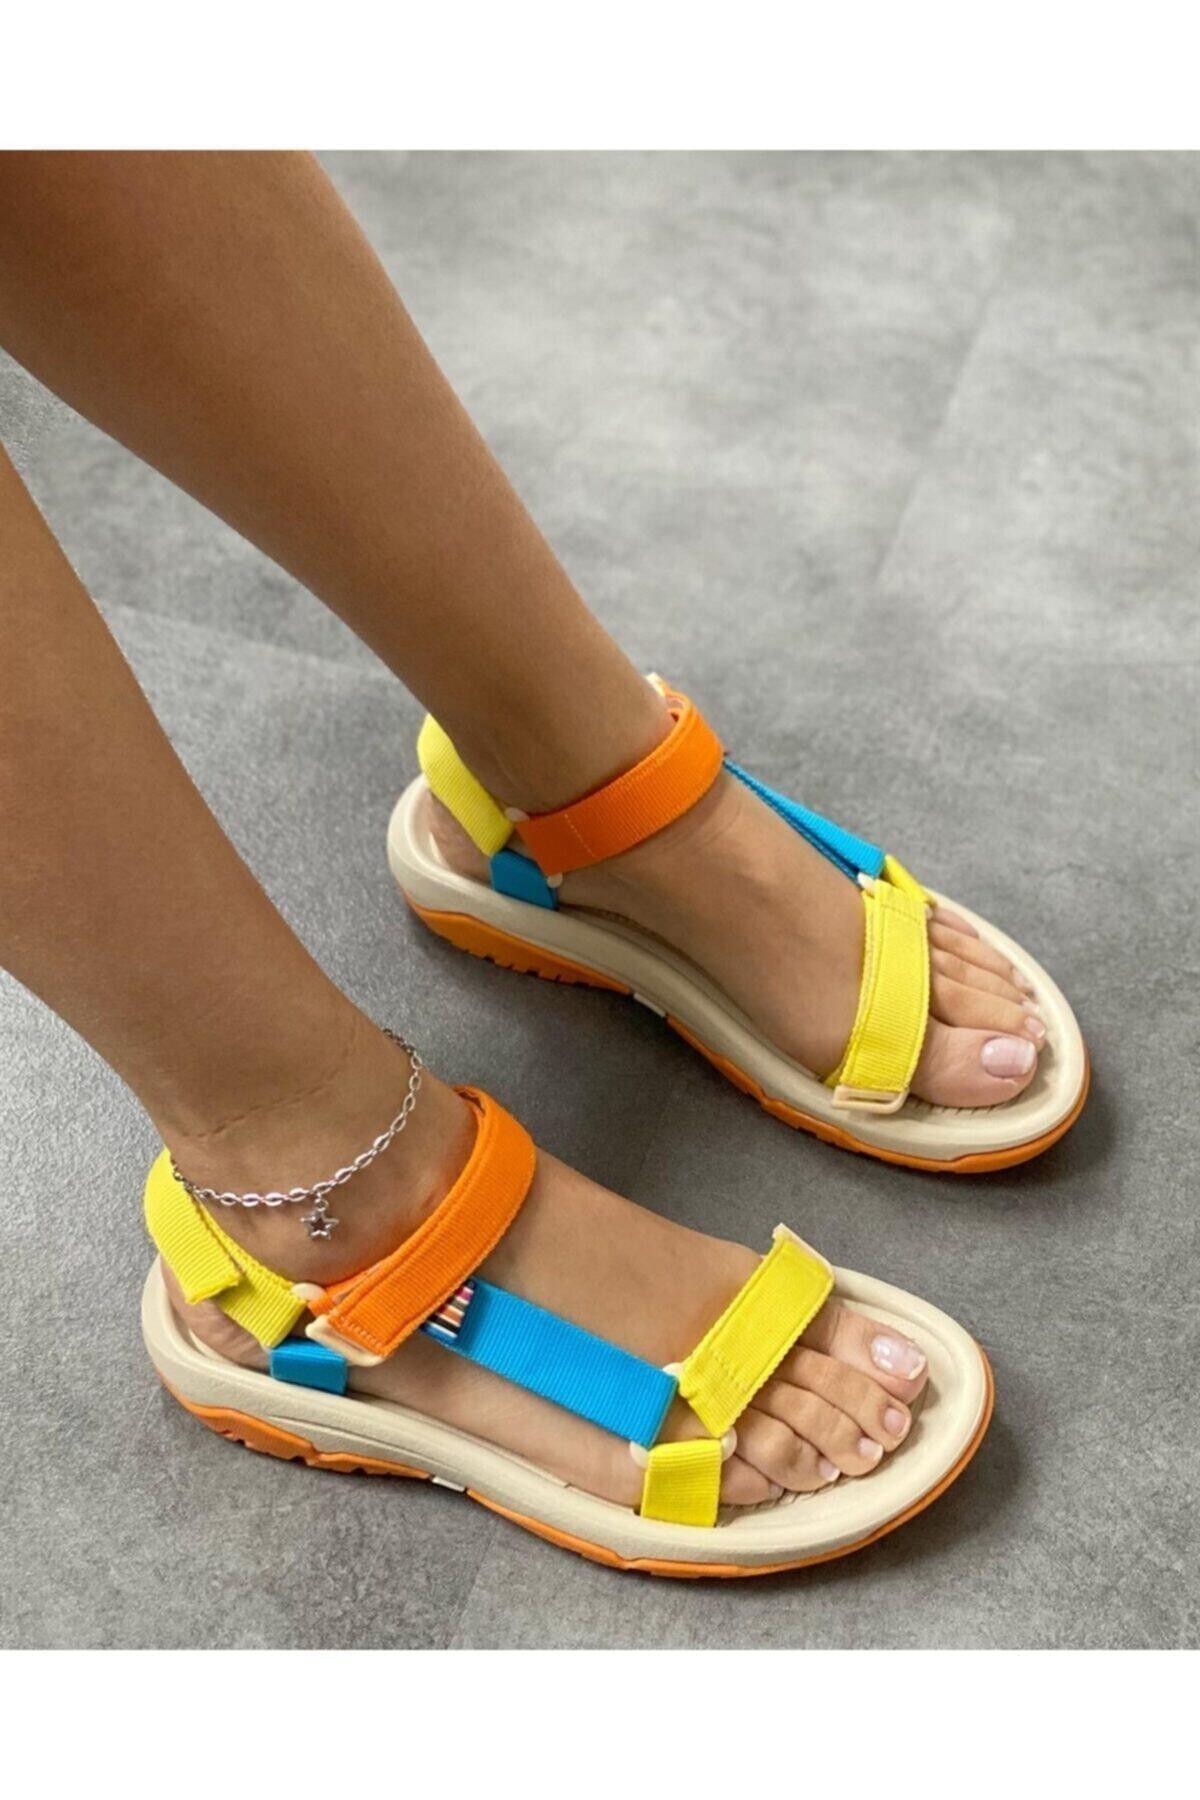 سفارش اینترنتی صندل  برند Orianna Design رنگ زرد ty112730432